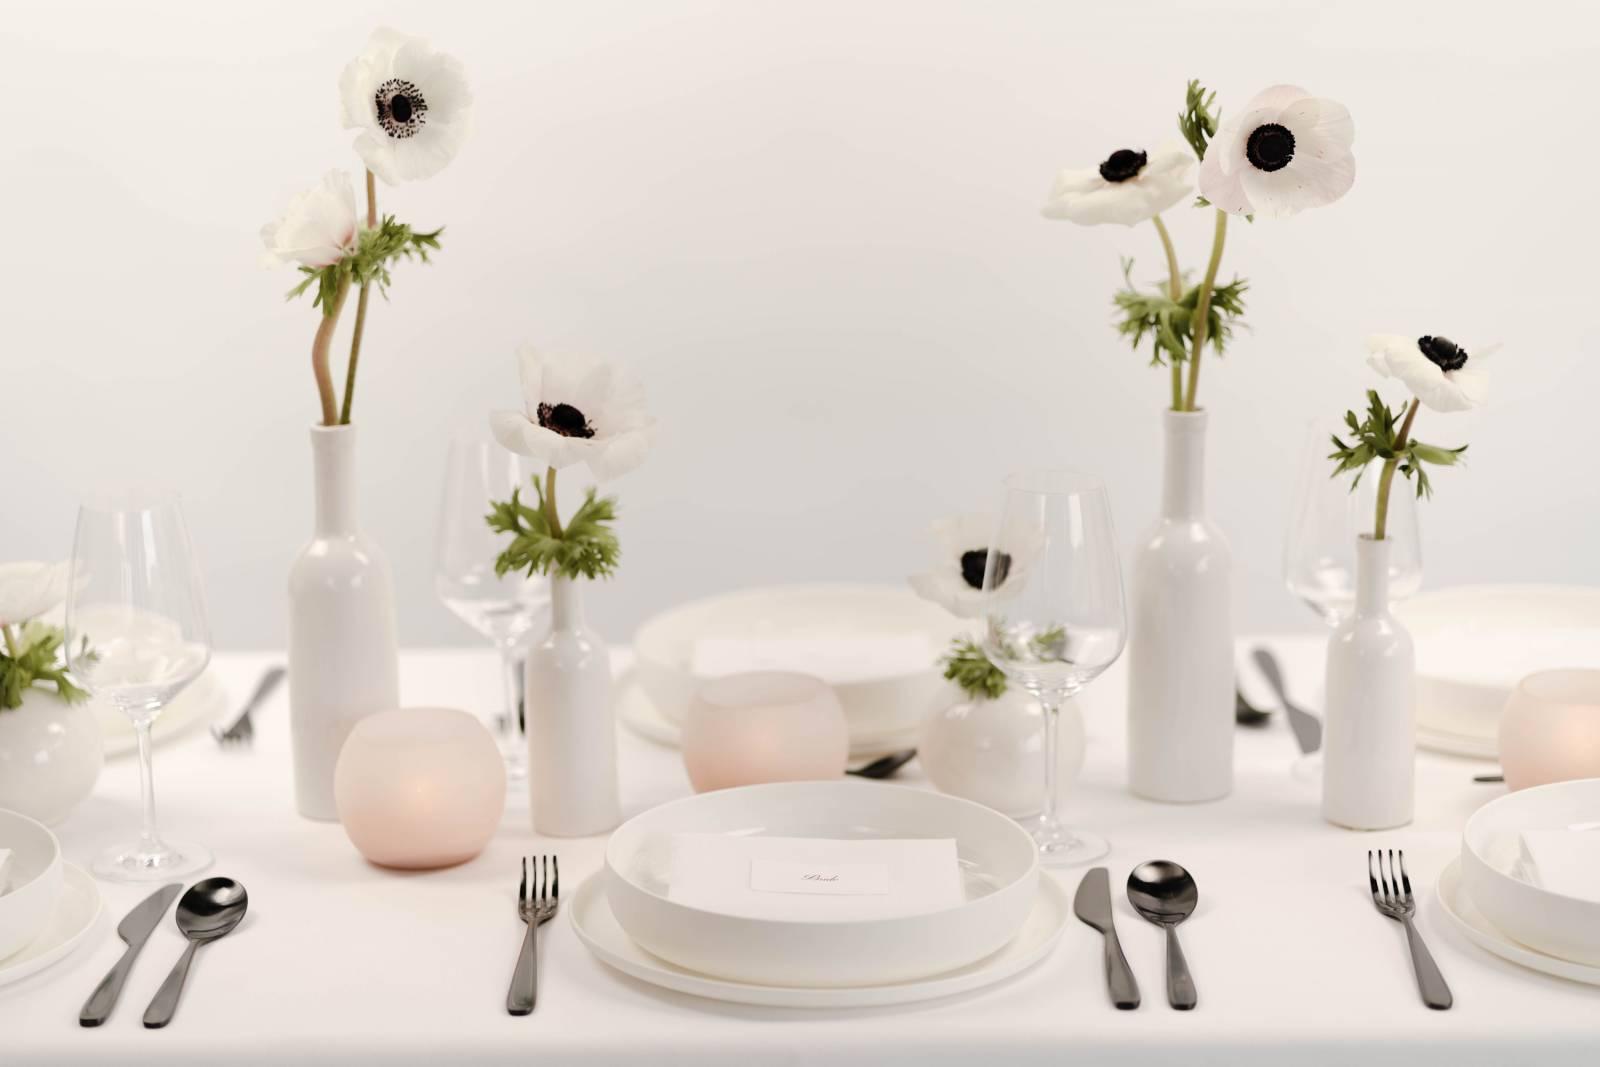 Event Essentials - Decoratie - Trouw - Huwelijk - Bruiloft - Design - House of Weddings - 11